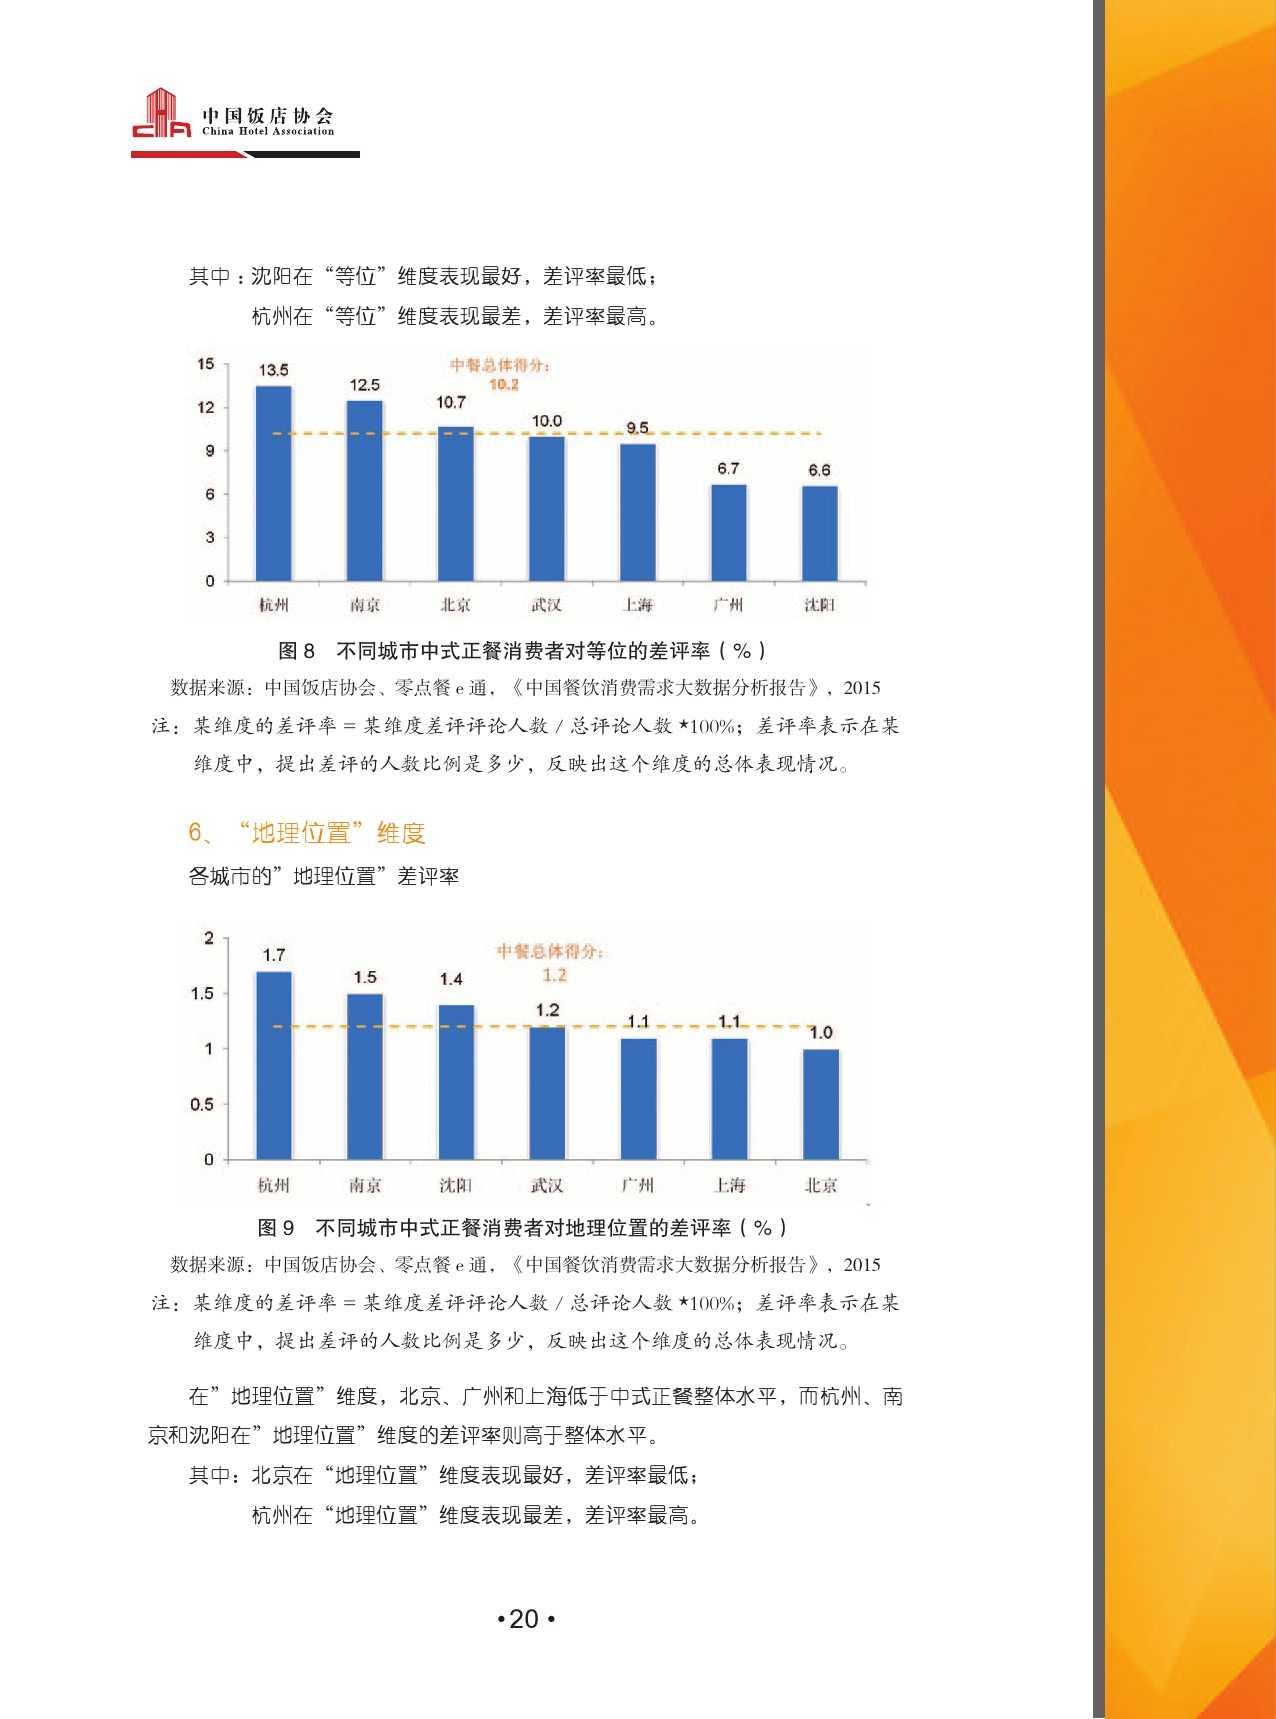 2015中国餐饮消费需求大数据分析报告_000022